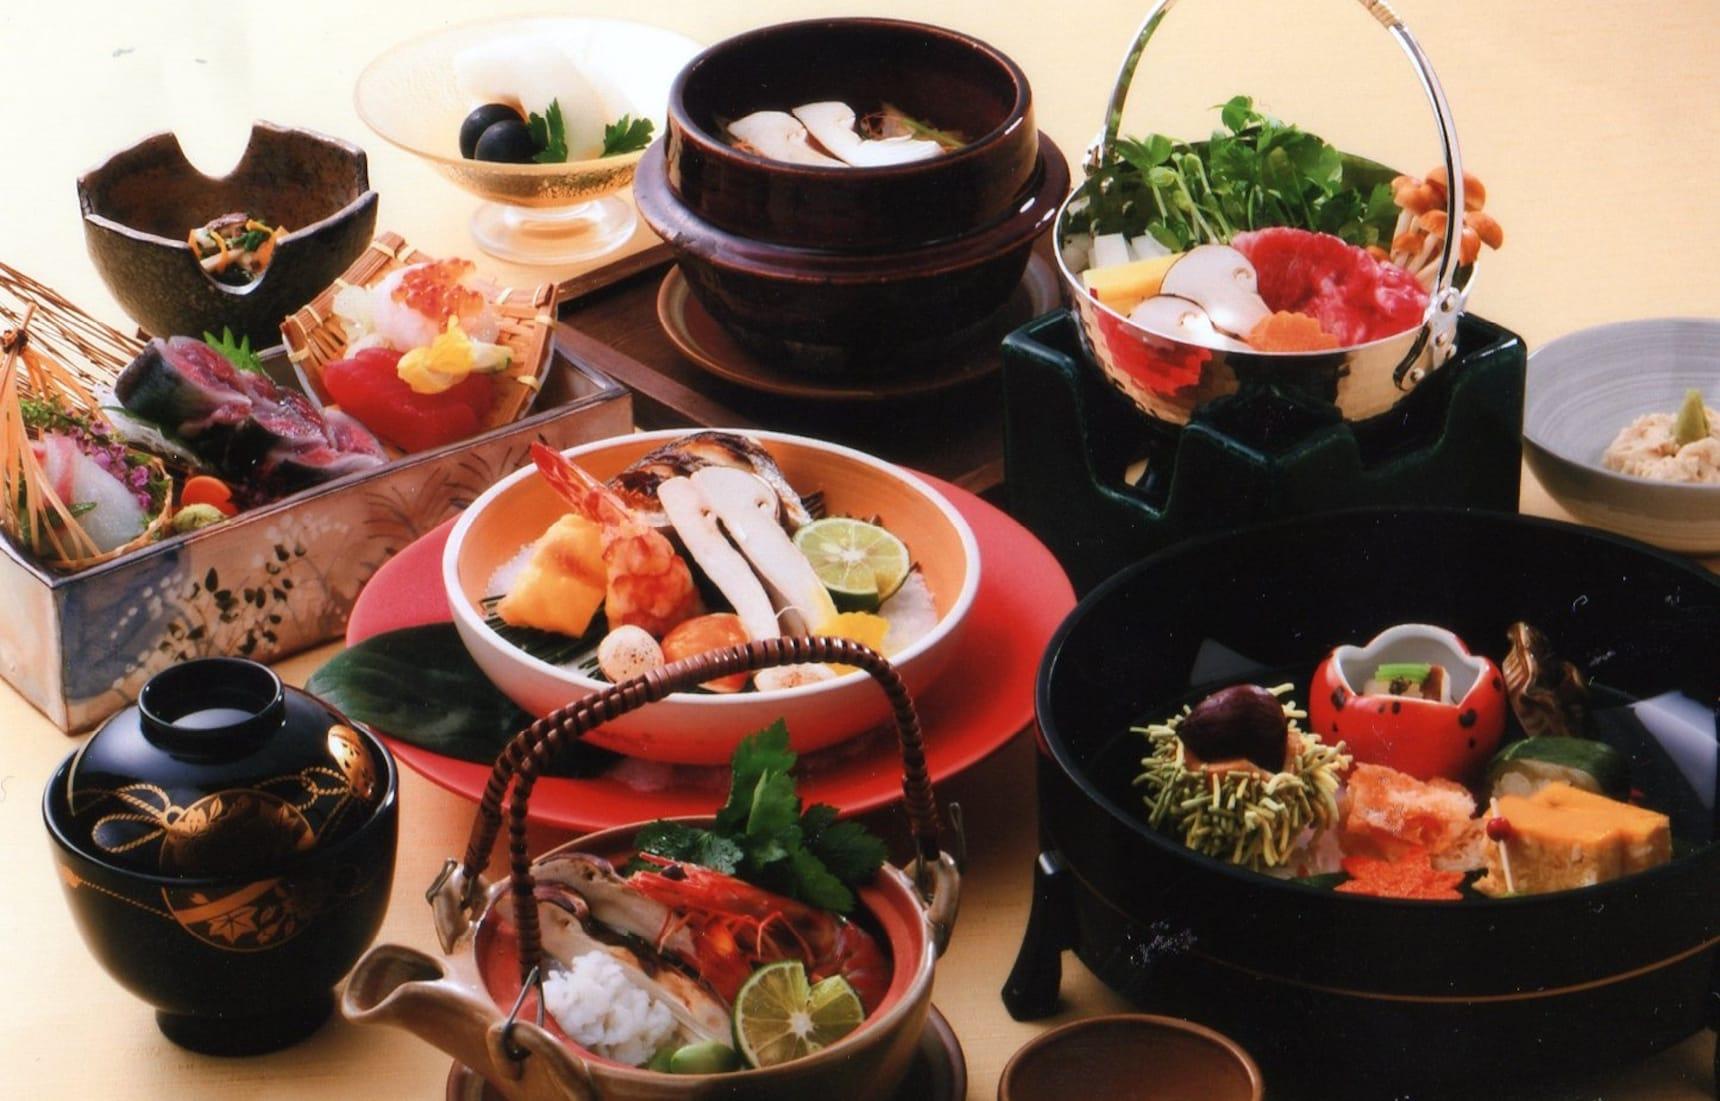 럭셔리 타운 롯폰기에서 즐기는 최고급 일식